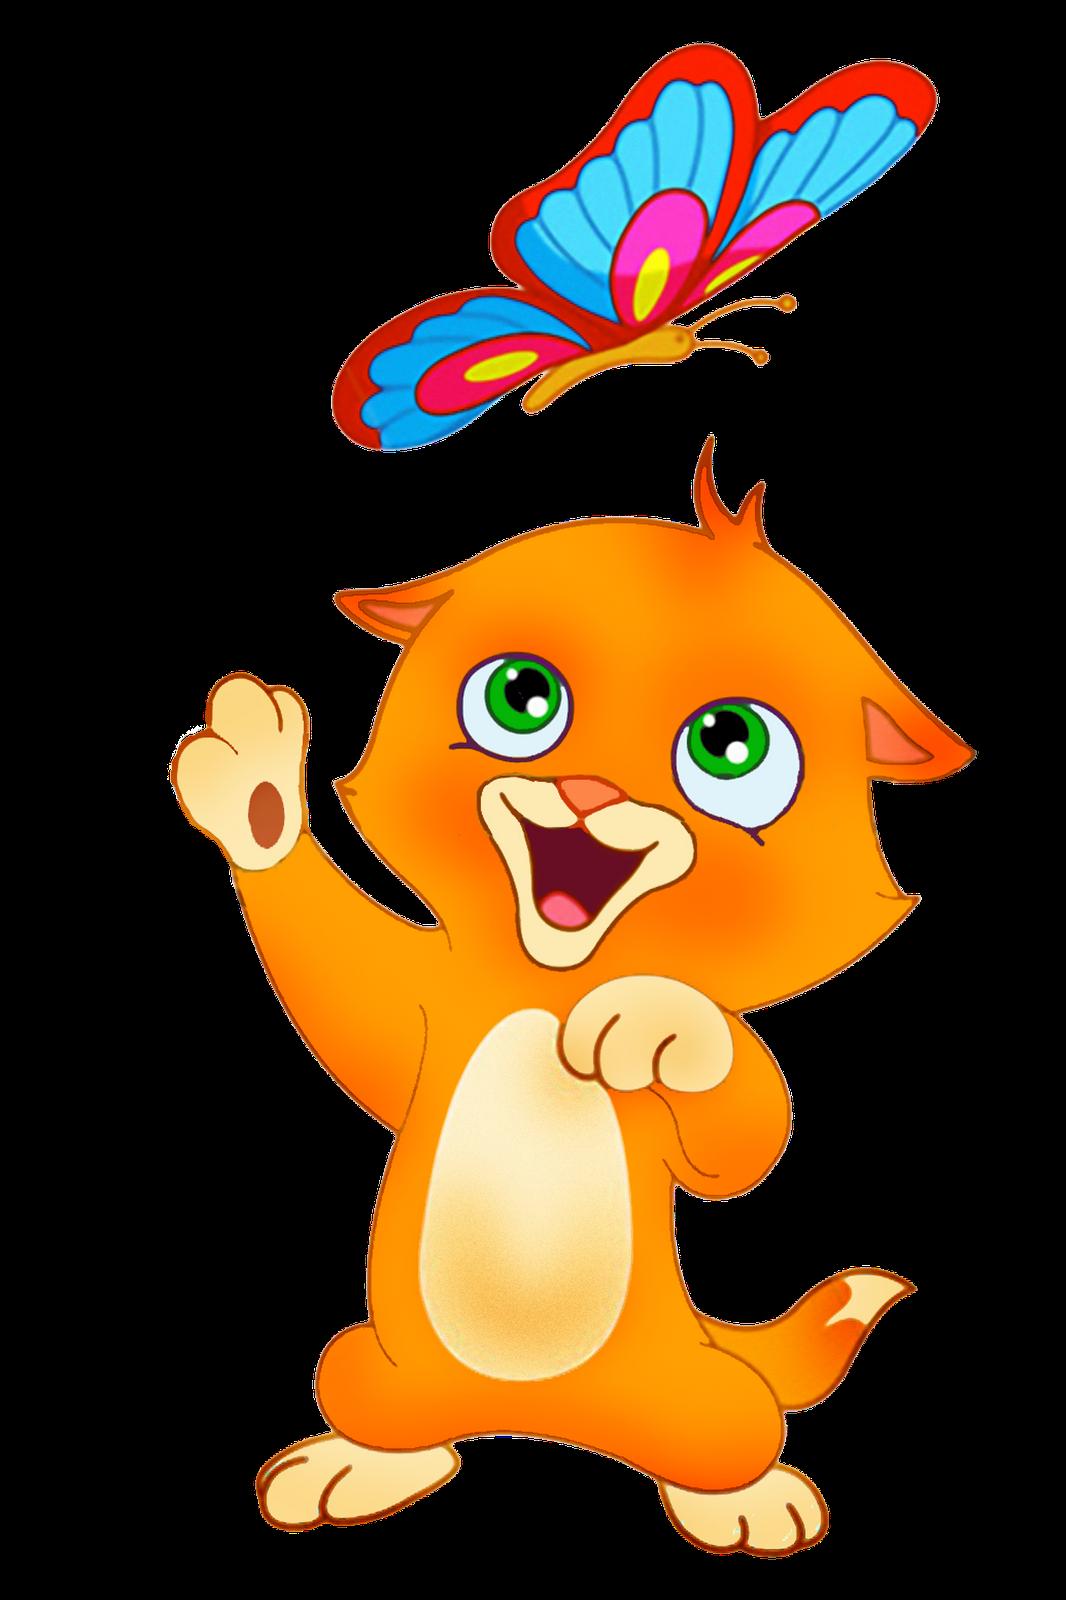 Dibujos a color gatos - Bebes dibujos infantiles ...